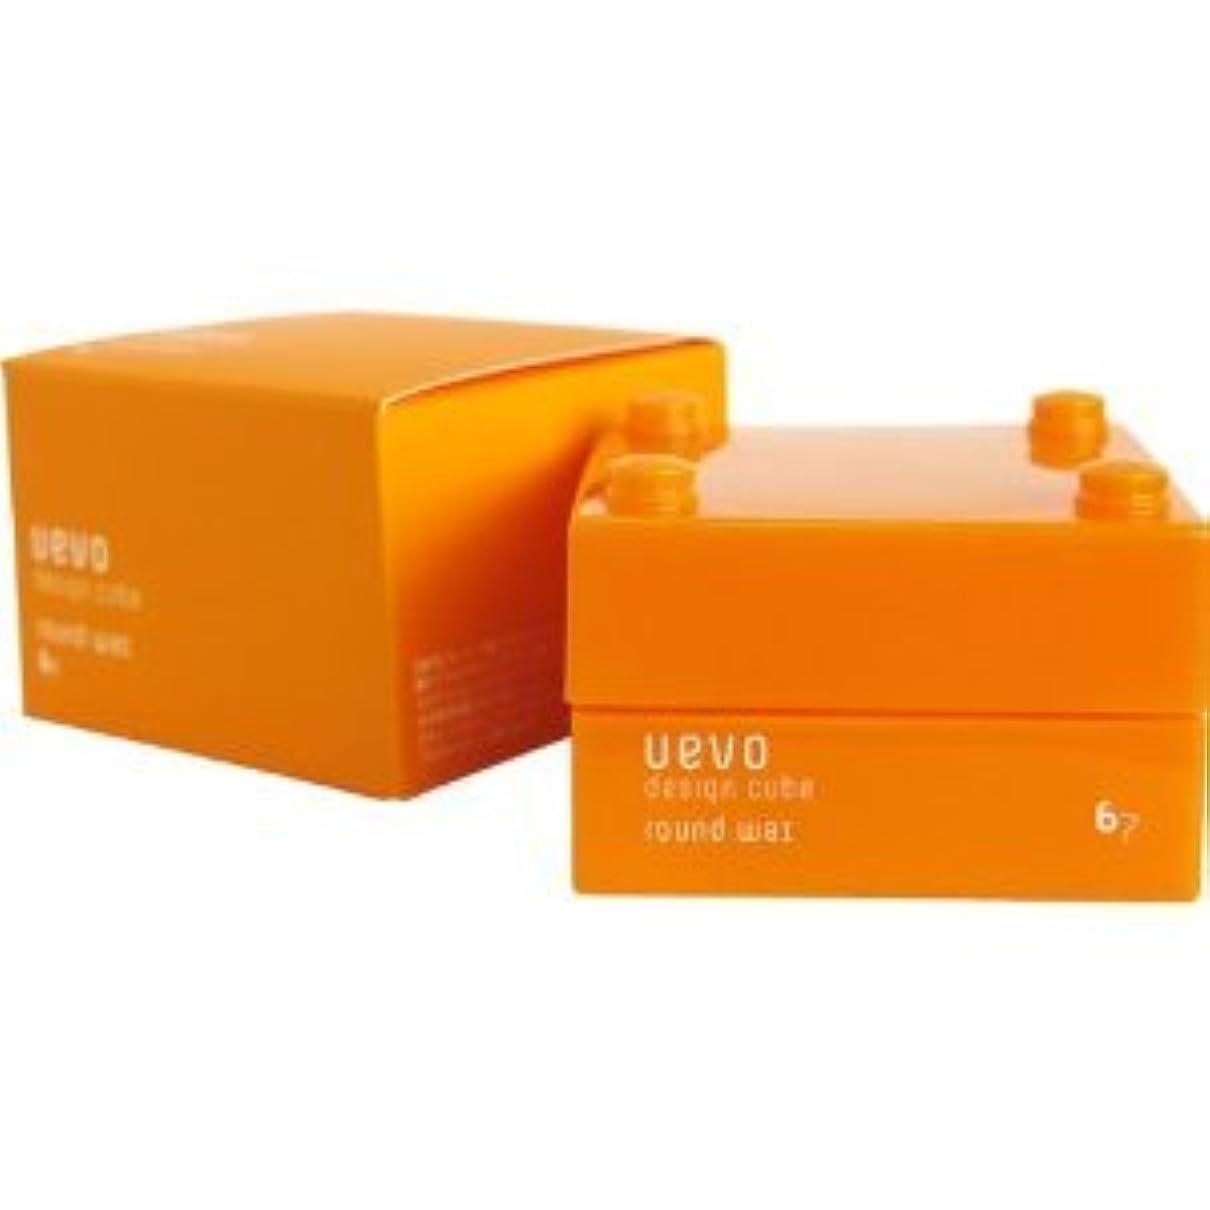 腰糸集中的な【X3個セット】 デミ ウェーボ デザインキューブ ラウンドワックス 30g round wax DEMI uevo design cube